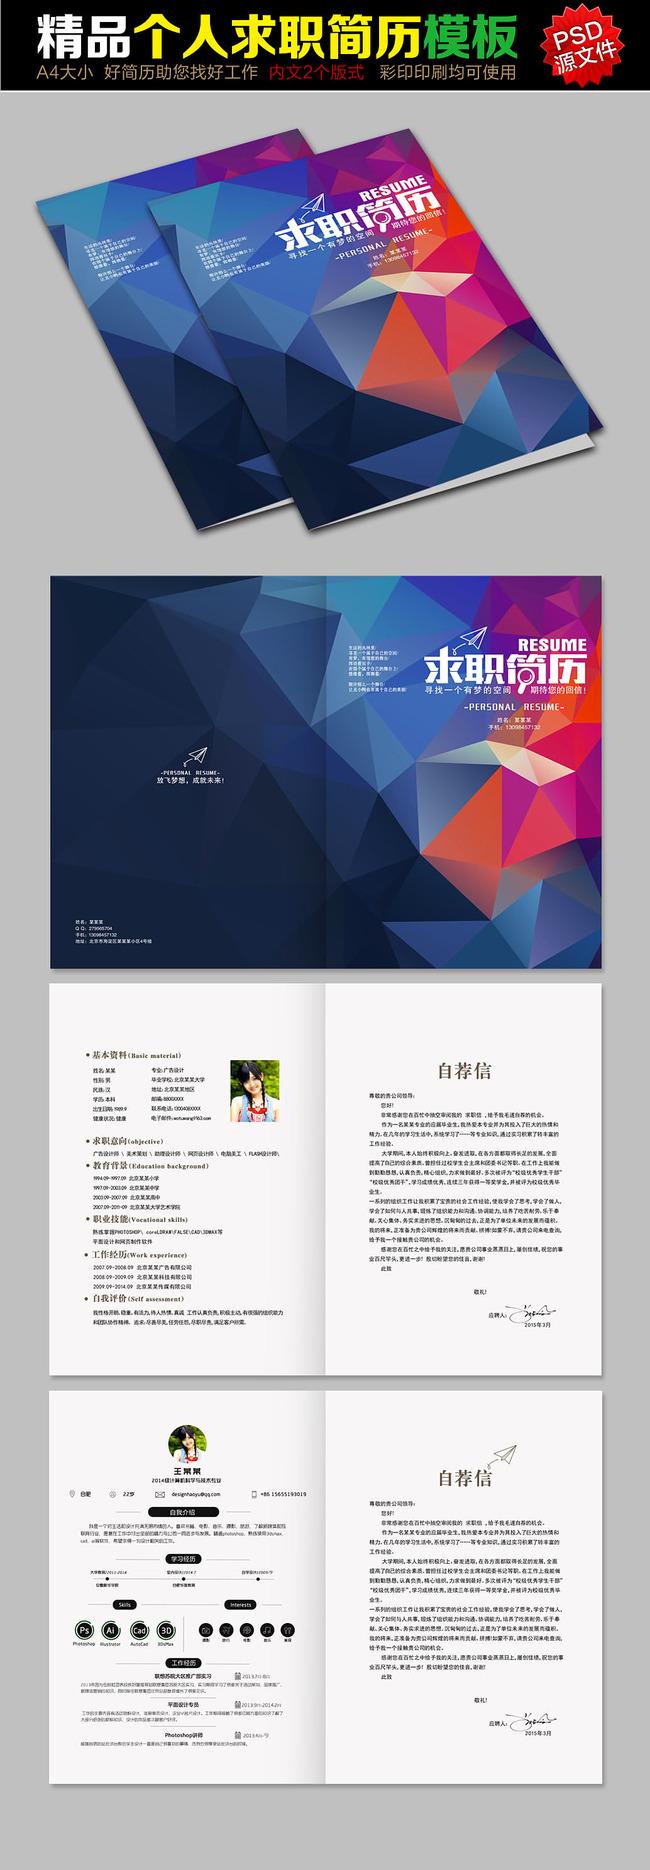 设计 纸飞机 白领简历 毕业简历 学生简历 招聘 职场 宣传册 个人手册